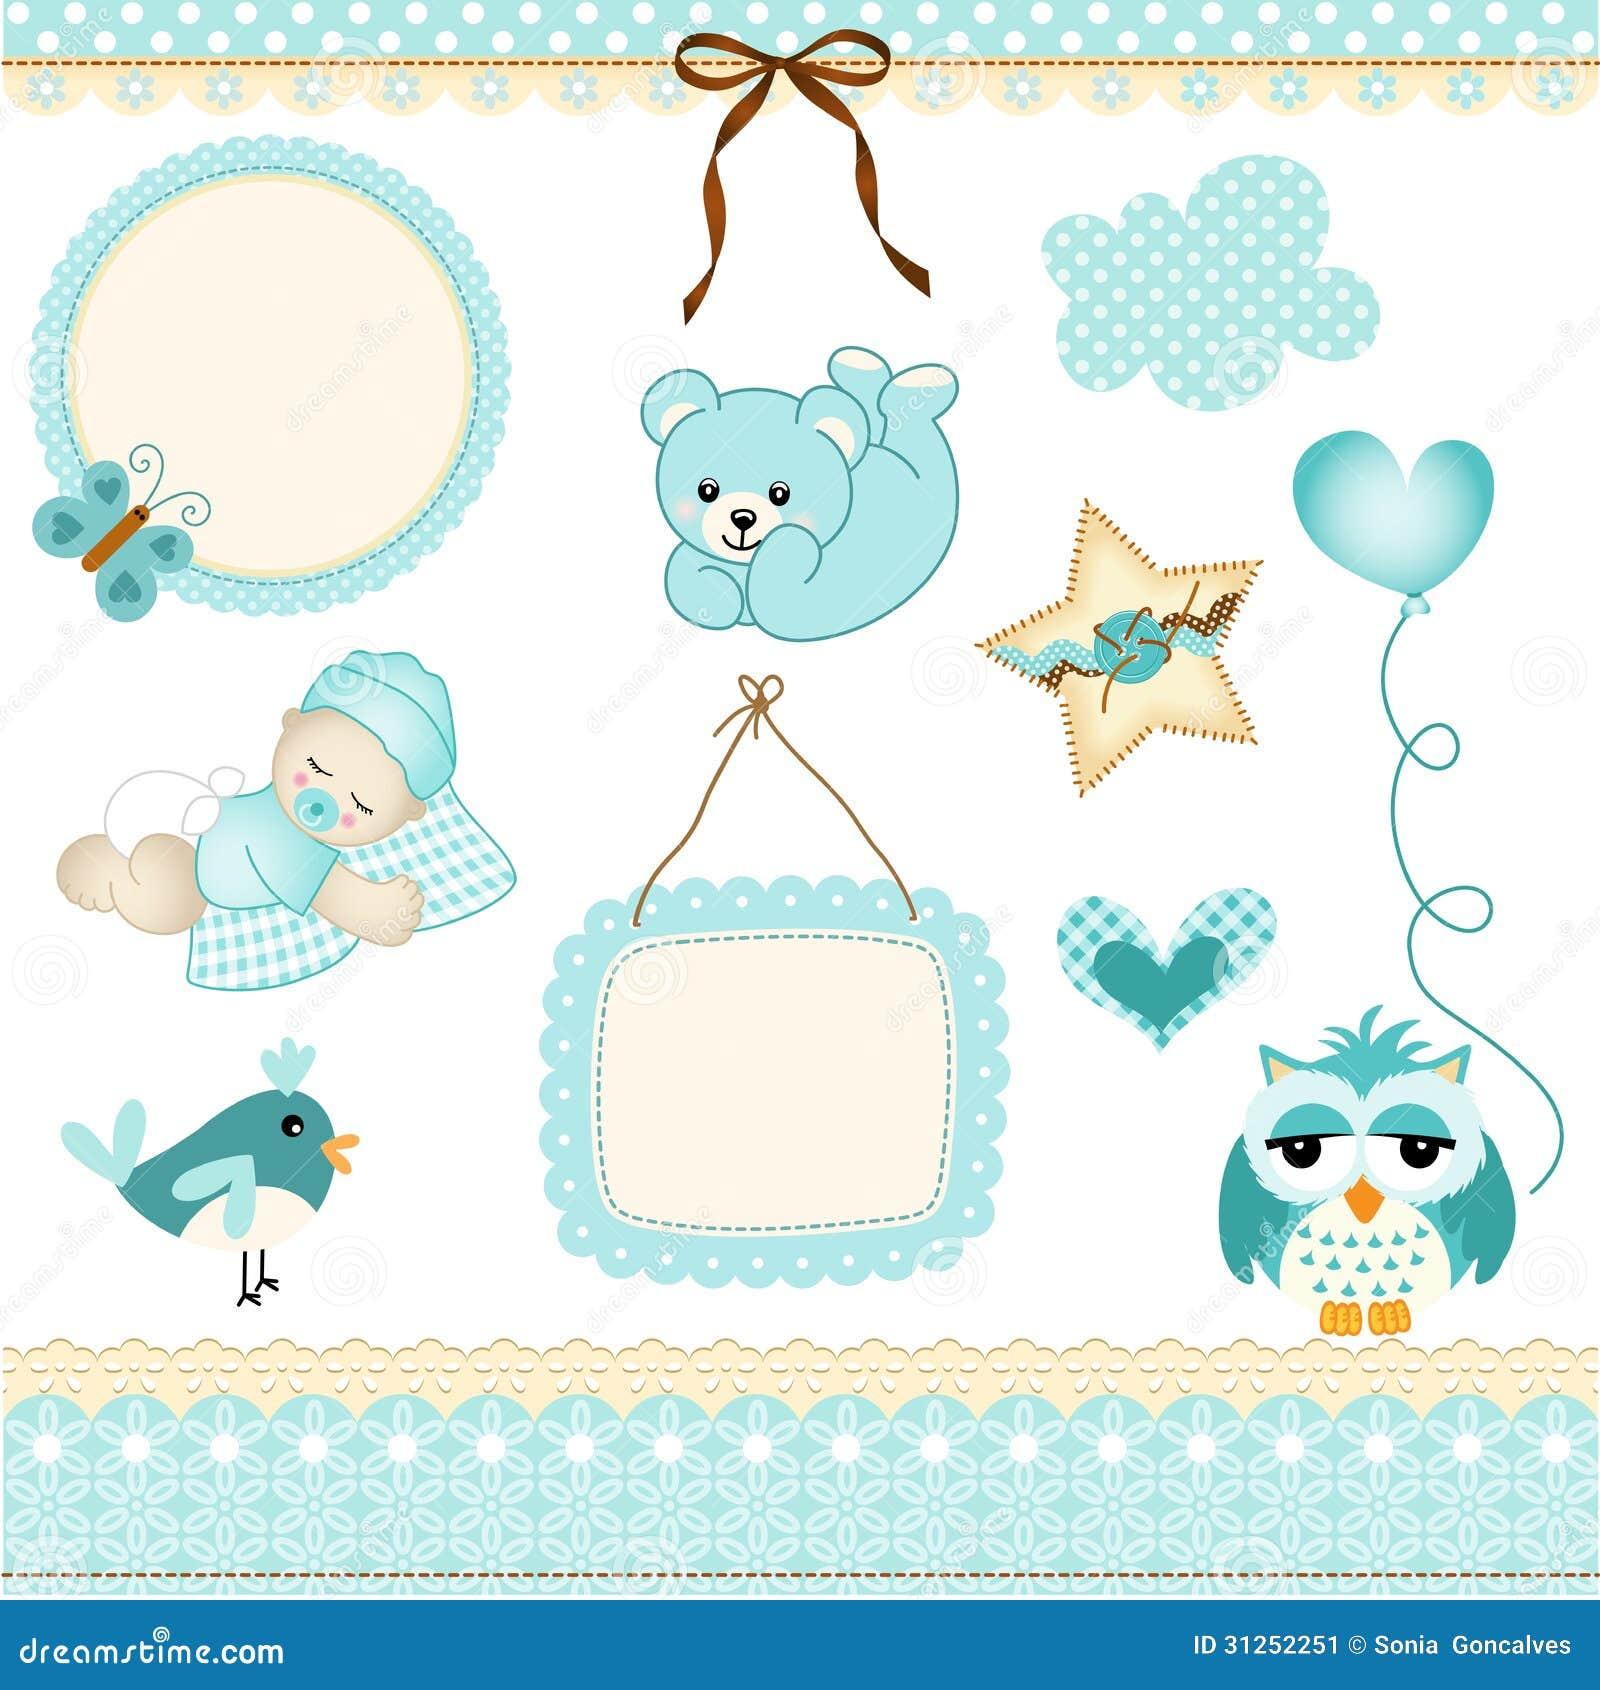 Baby boy design elements stock vector illustration of for Design finder